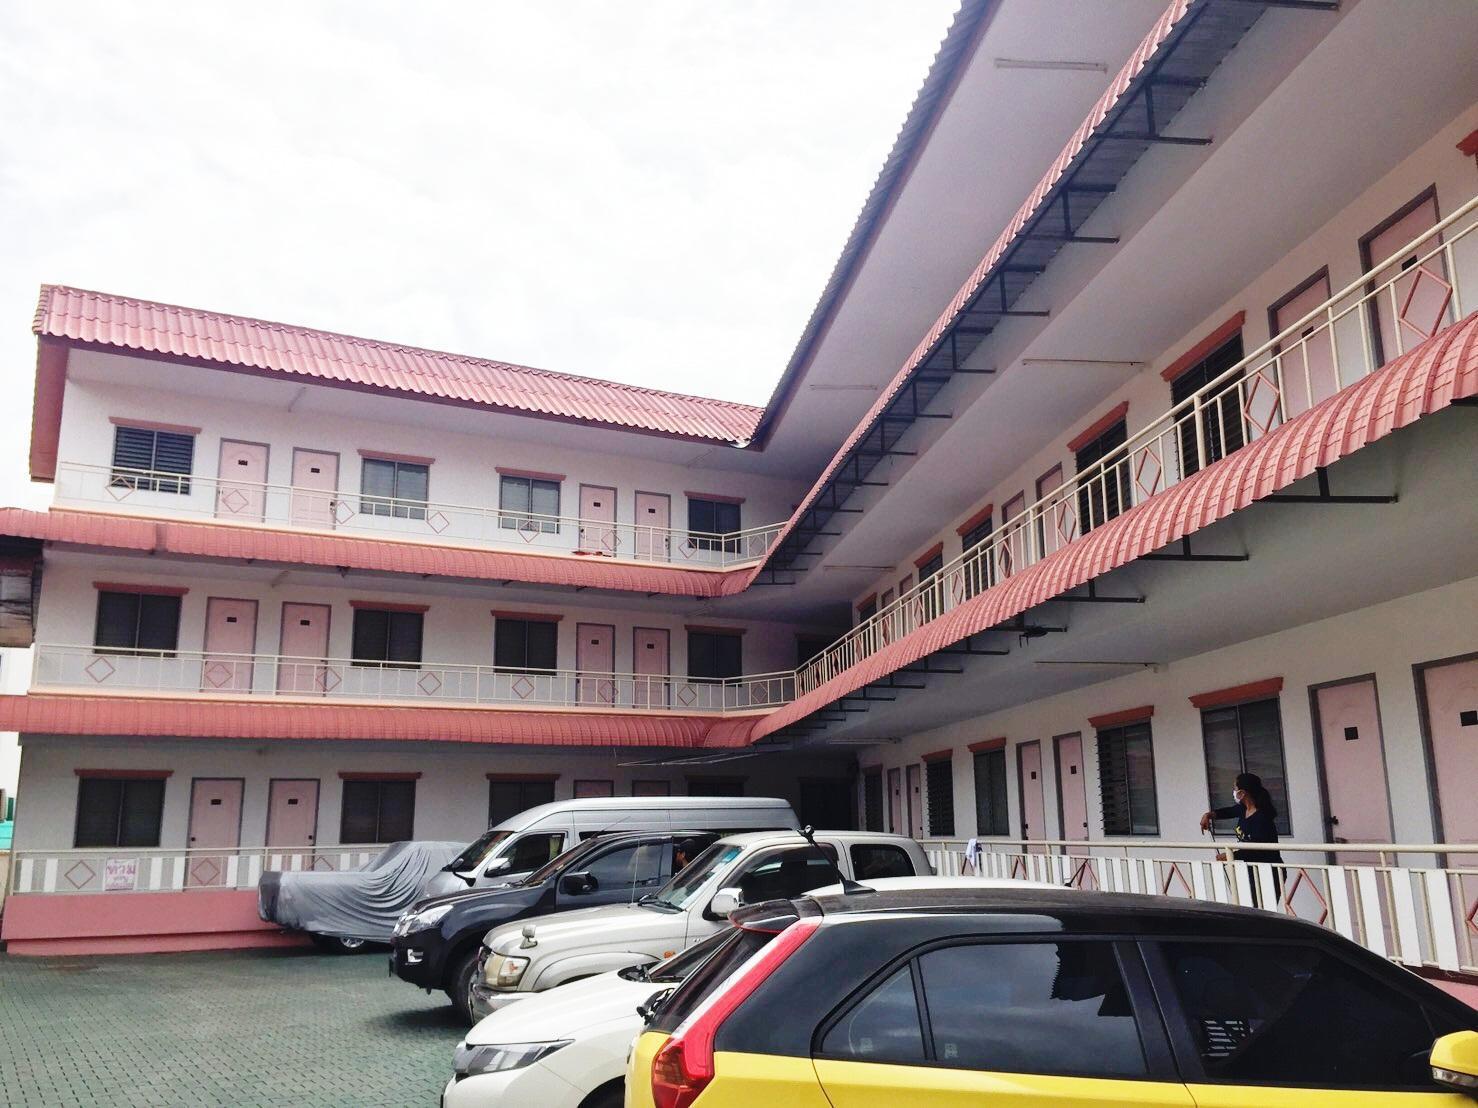 Doi Kham Place 2 อพาร์ตเมนต์ 1 ห้องนอน 1 ห้องน้ำส่วนตัว ขนาด 20 ตร.ม. – สุเทพ